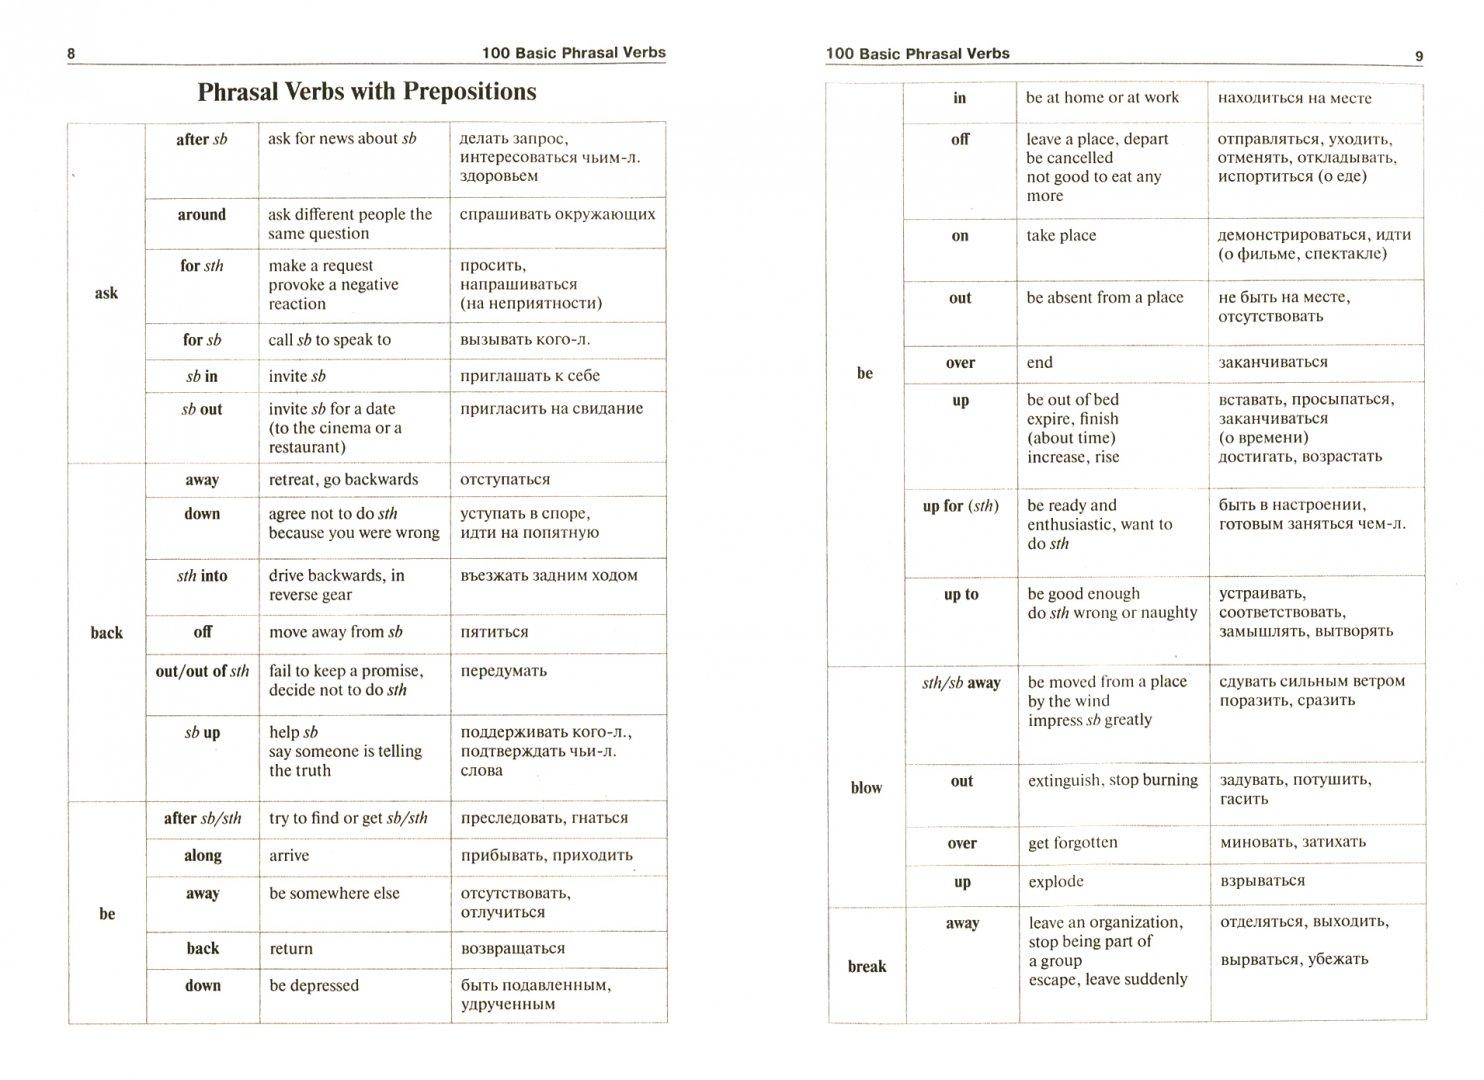 Иллюстрация 1 из 6 для 100 самых распространенных английских фразовых глаголов - Елена Васильева | Лабиринт - книги. Источник: Лабиринт